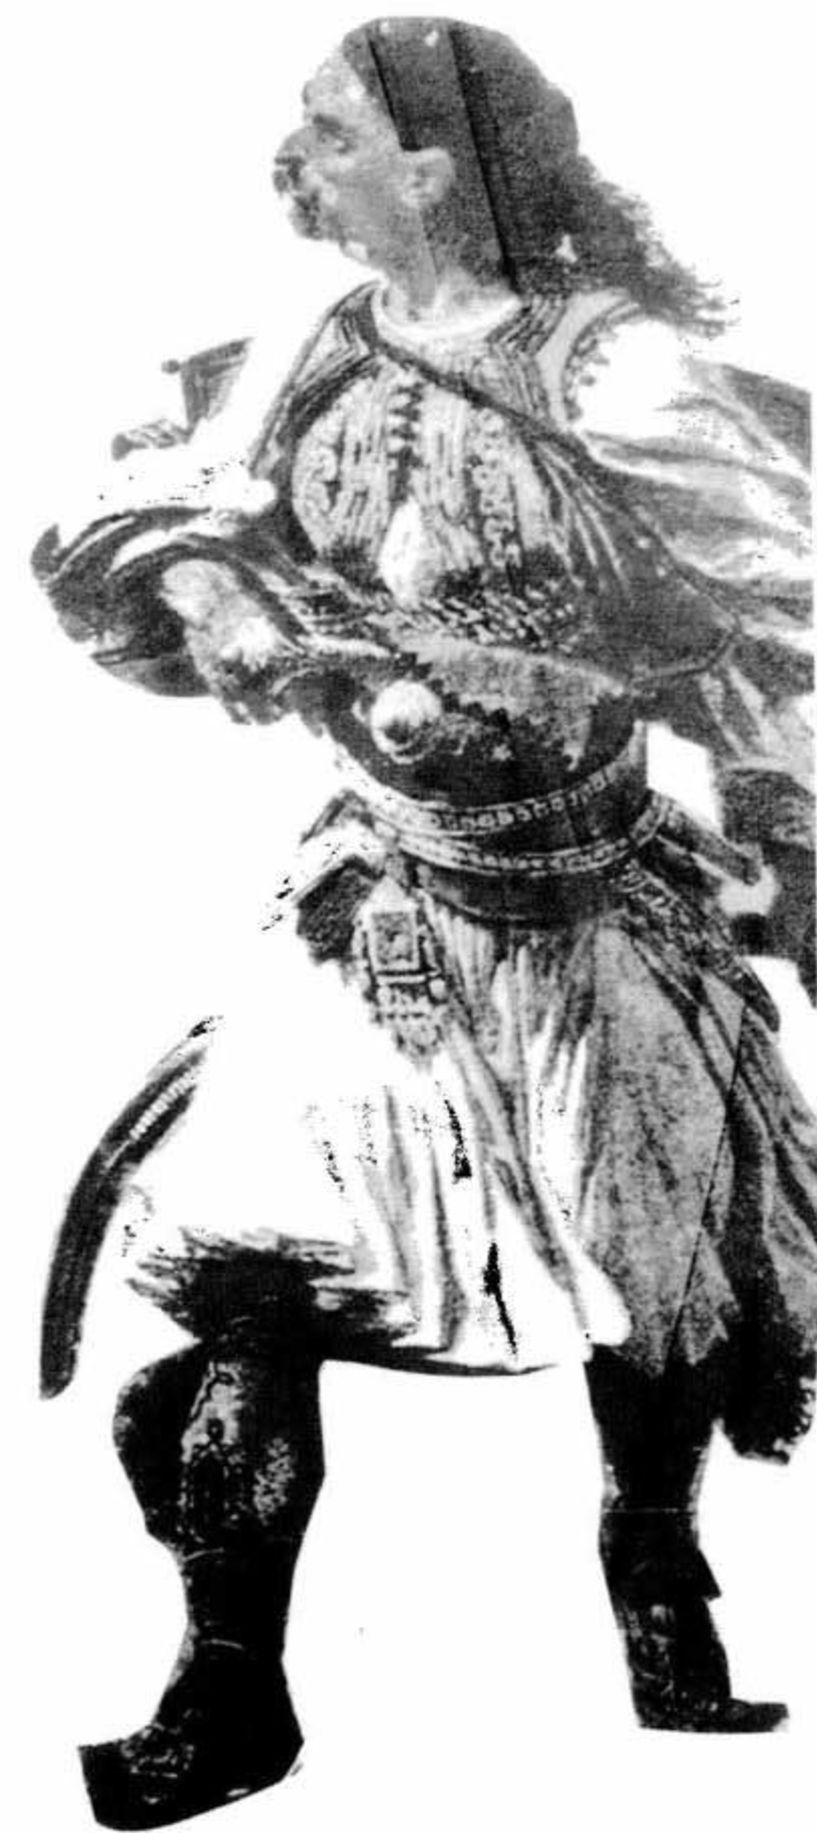 1821 – 2021, 200 ΧΡΟΝΙΑ ΑΠΟ ΤΗΝ ΕΛΛΗΝΙΚΗ ΕΠΑΝΑΣΤΑΣΗ Το ΡΟΥΜΛΟΥΚΙ κατά την επανάσταση 12. ΑΡΧΙΖΕΙ Η ΕΠΑΝΑΣΤΑΣΗ